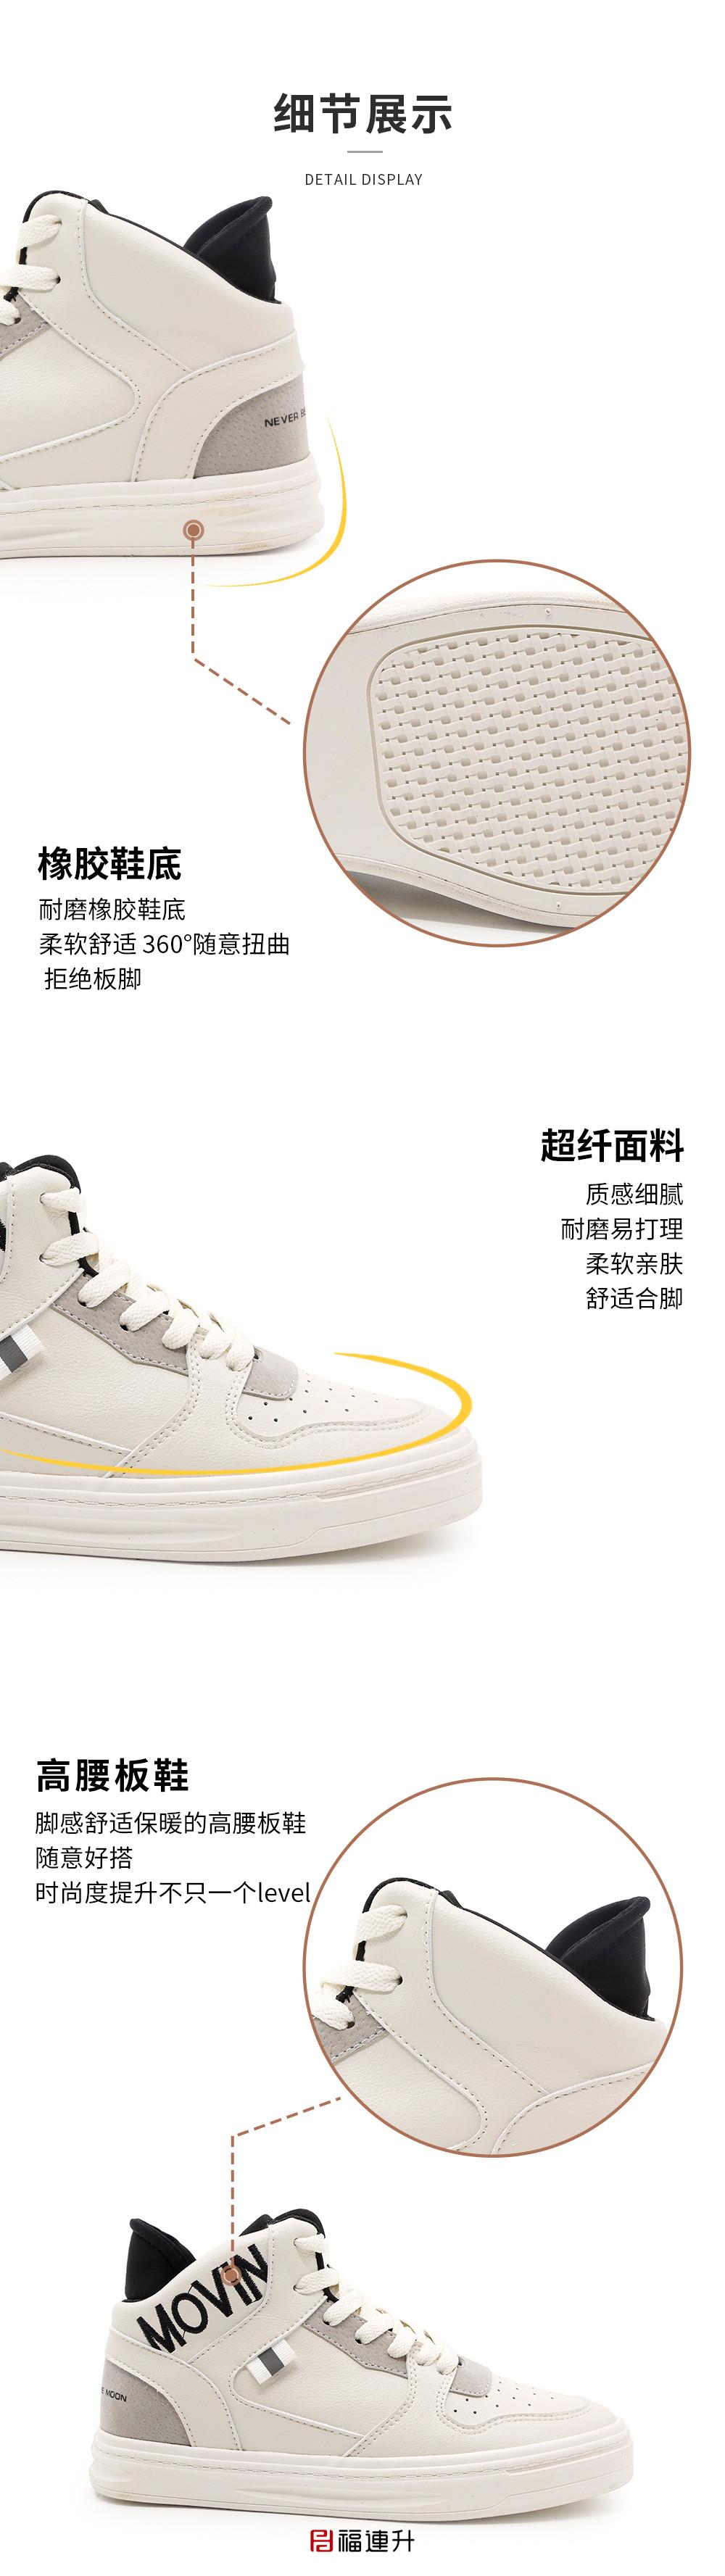 福连升2020冬季新款加绒潮鞋女款高帮棉鞋百搭高帮板鞋图片